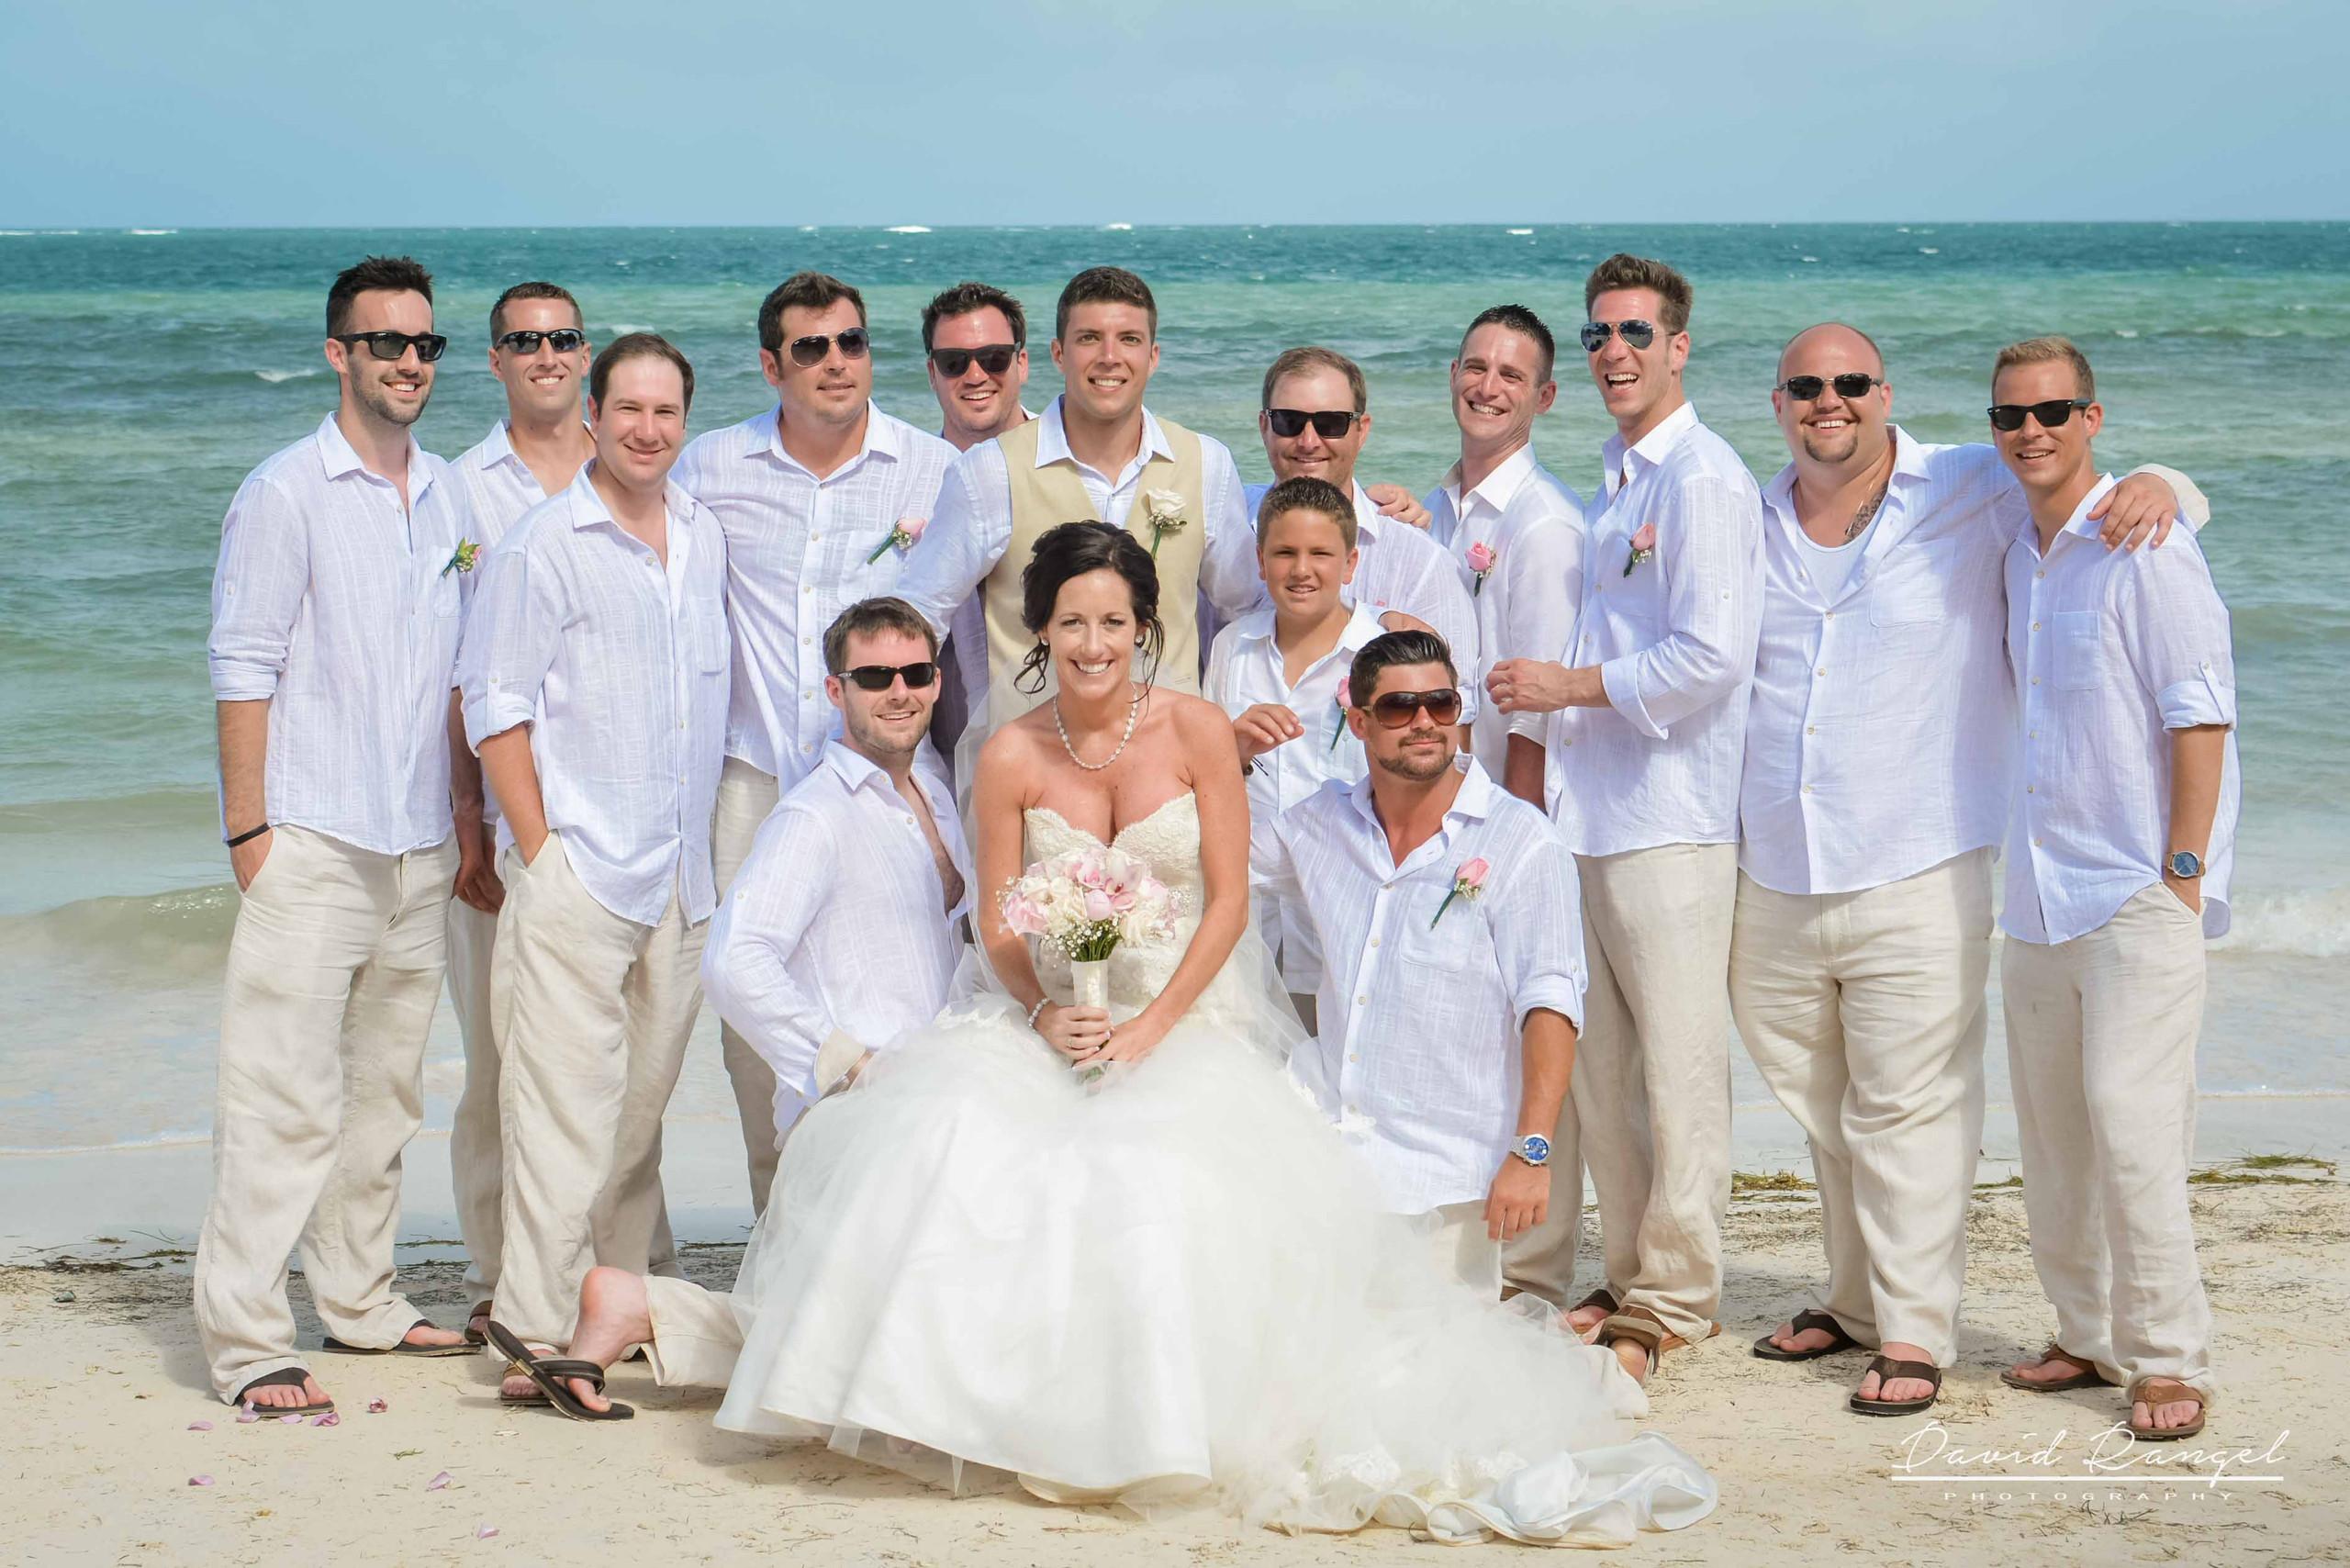 wedding+on+the+beach